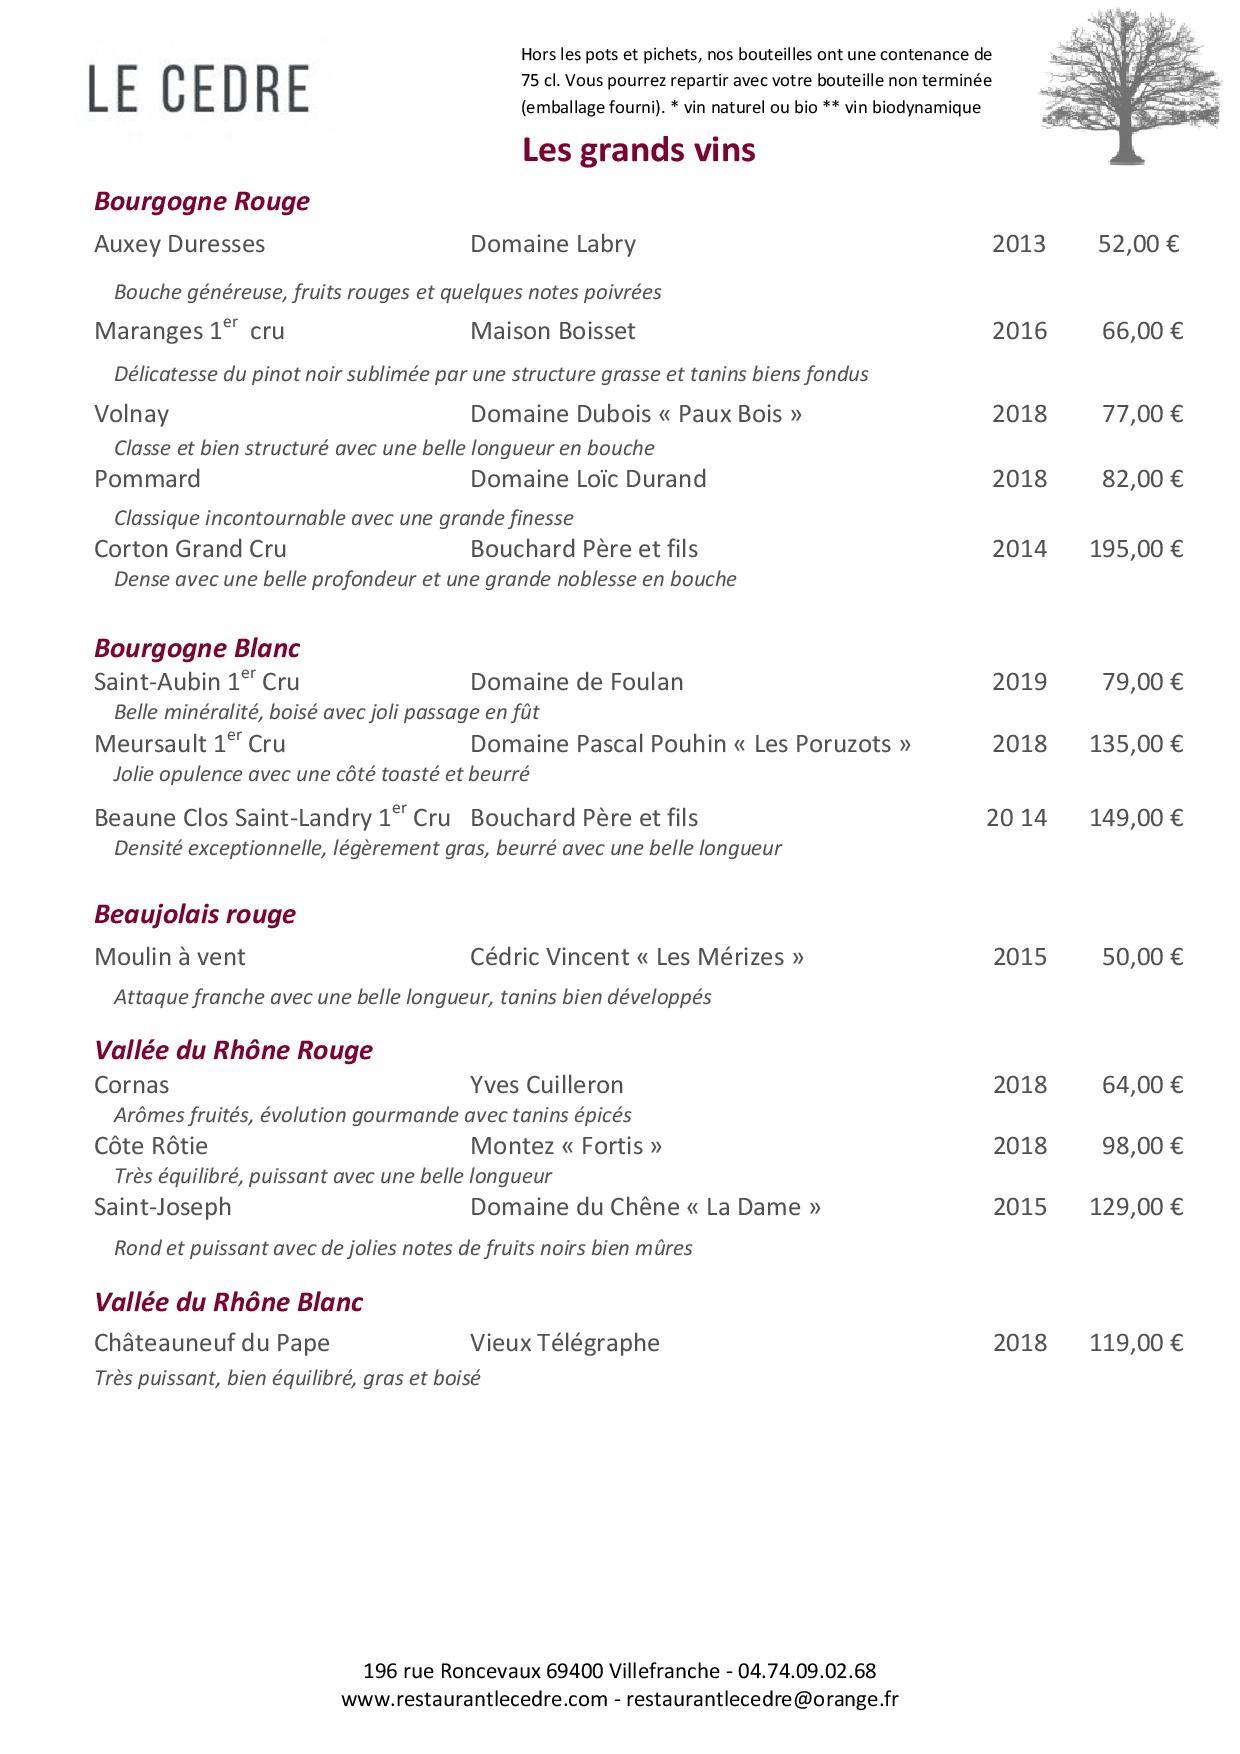 Les grands vins v1 001